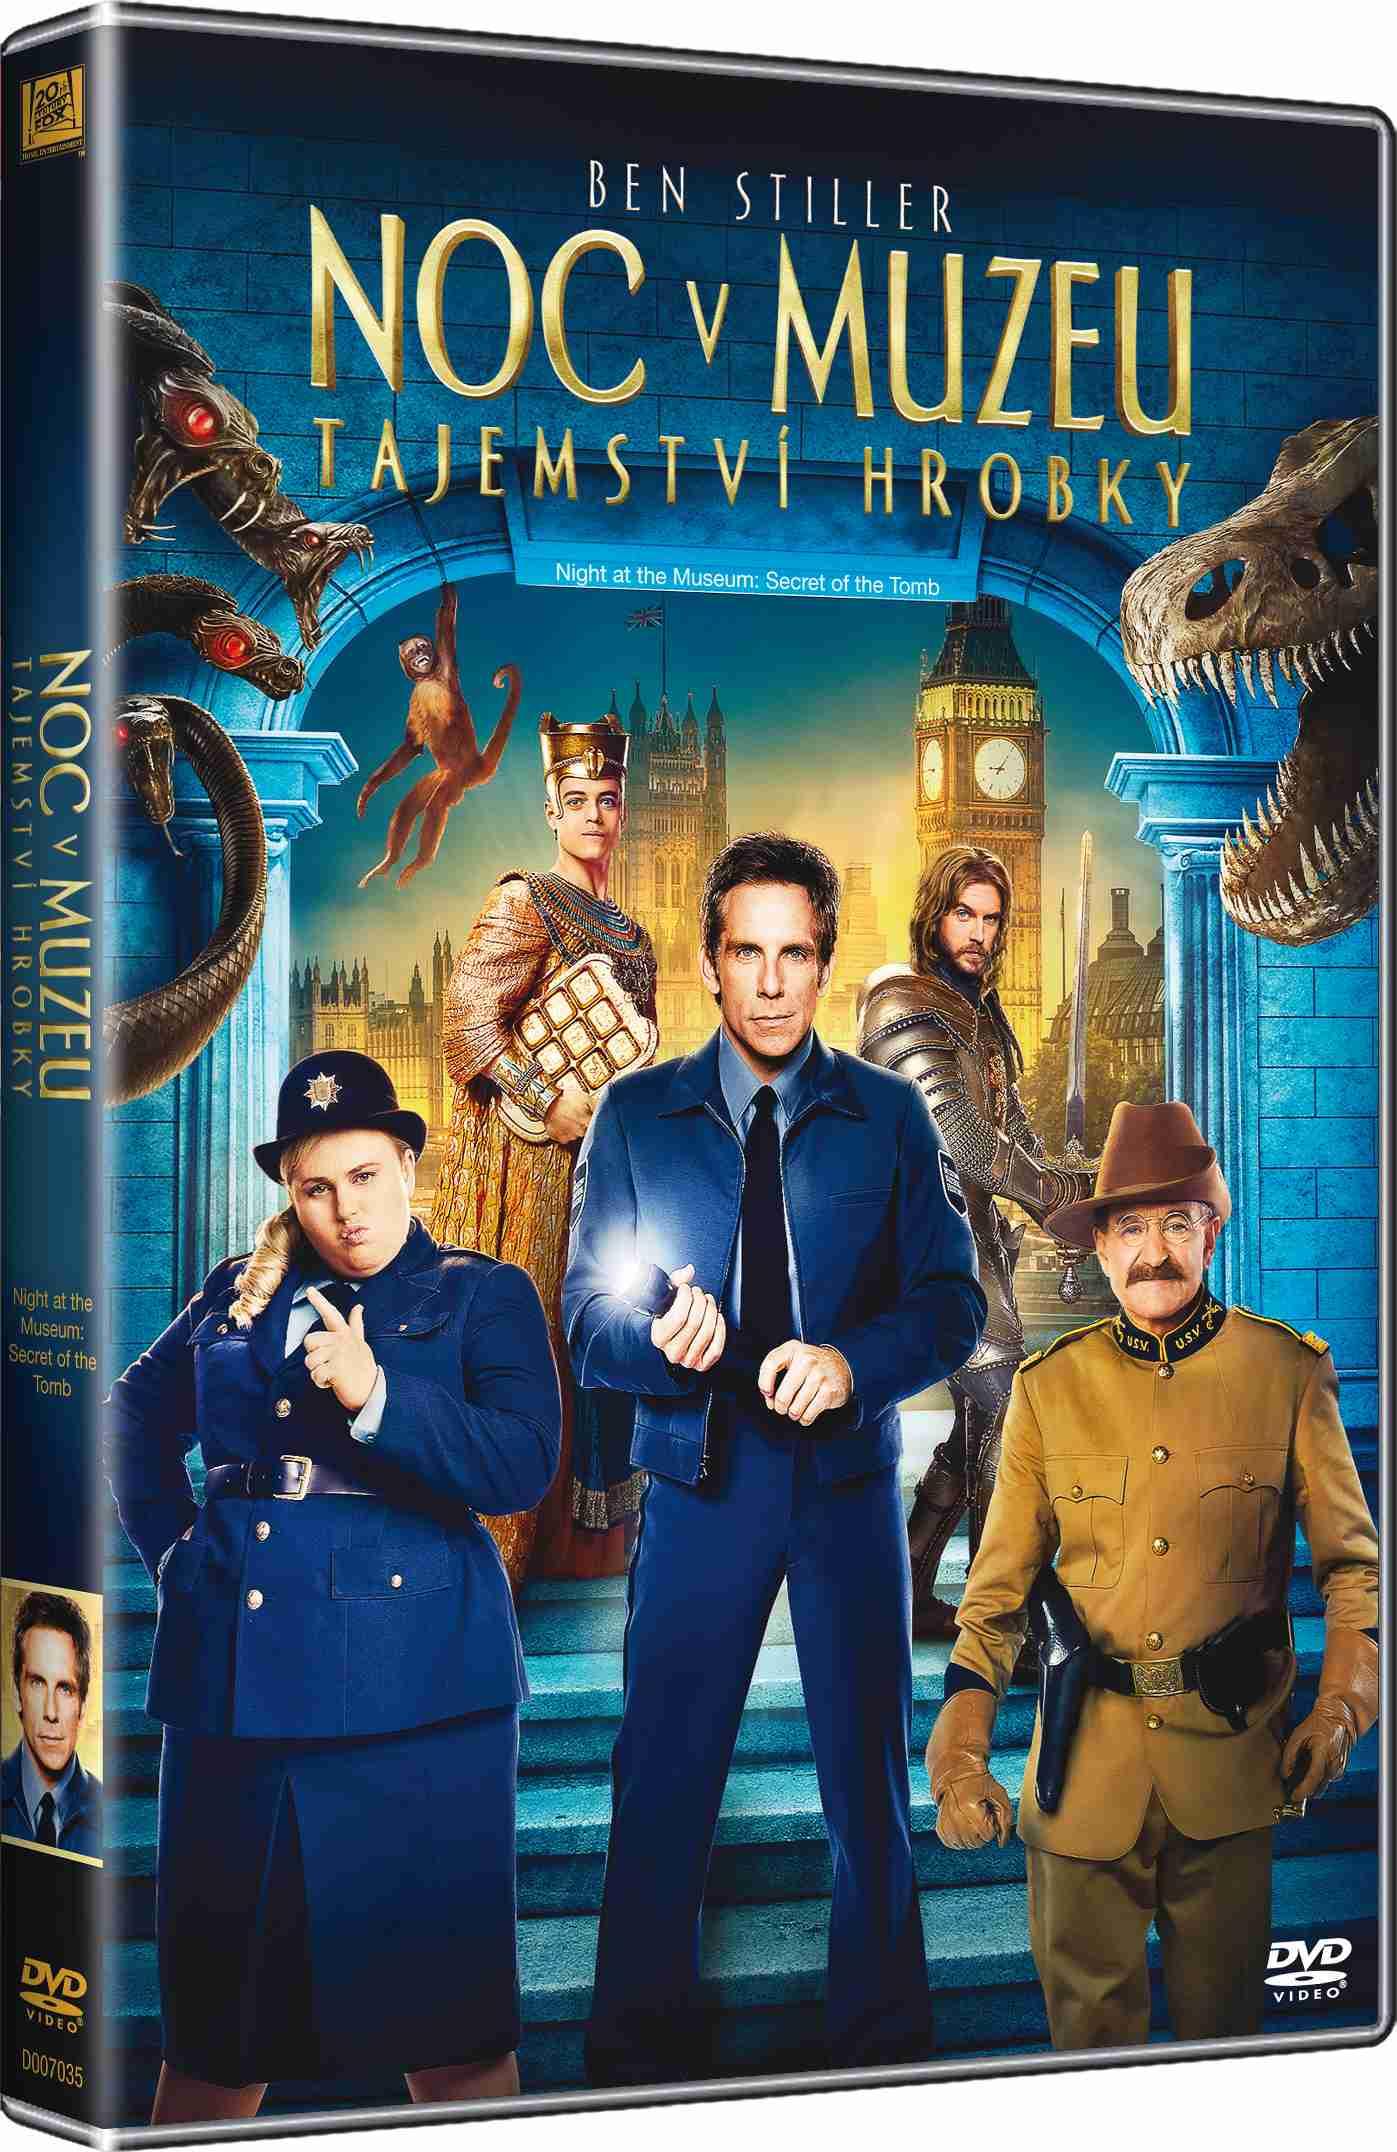 Noc v muzeu 3: Tajemství hrobky - DVD